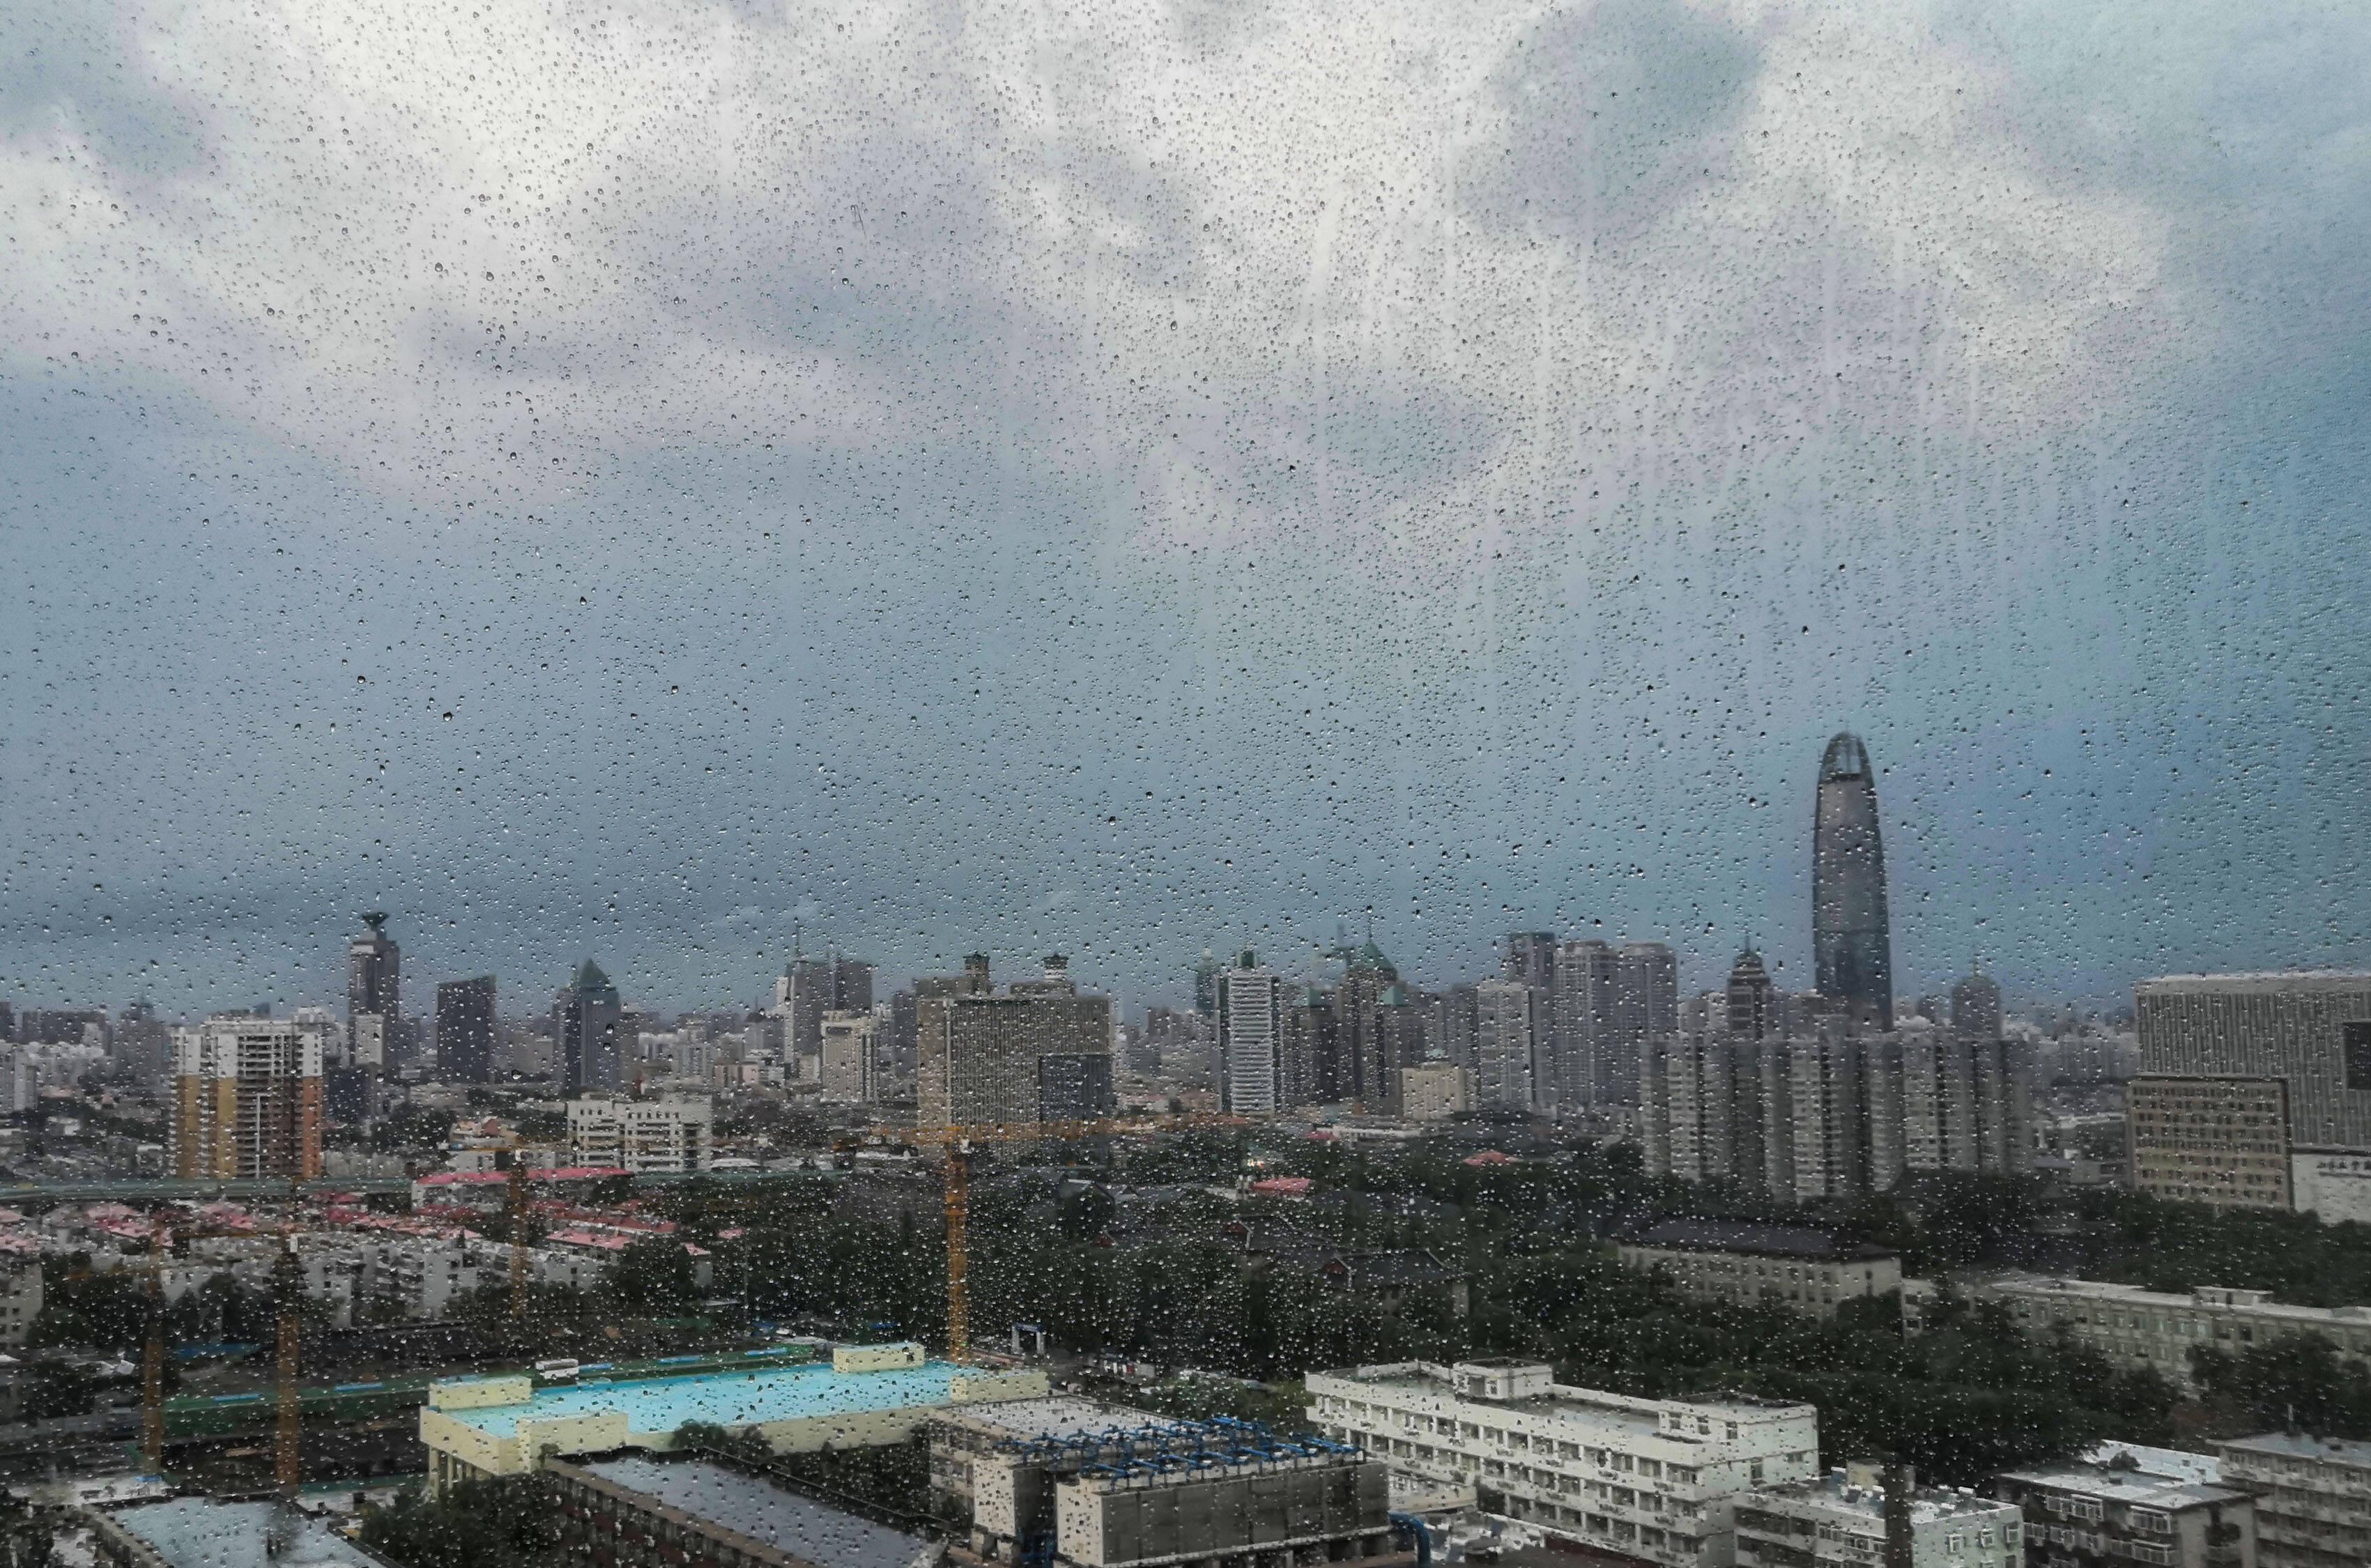 济南今晨再迎强降雨 气象部门发布蓝色预警